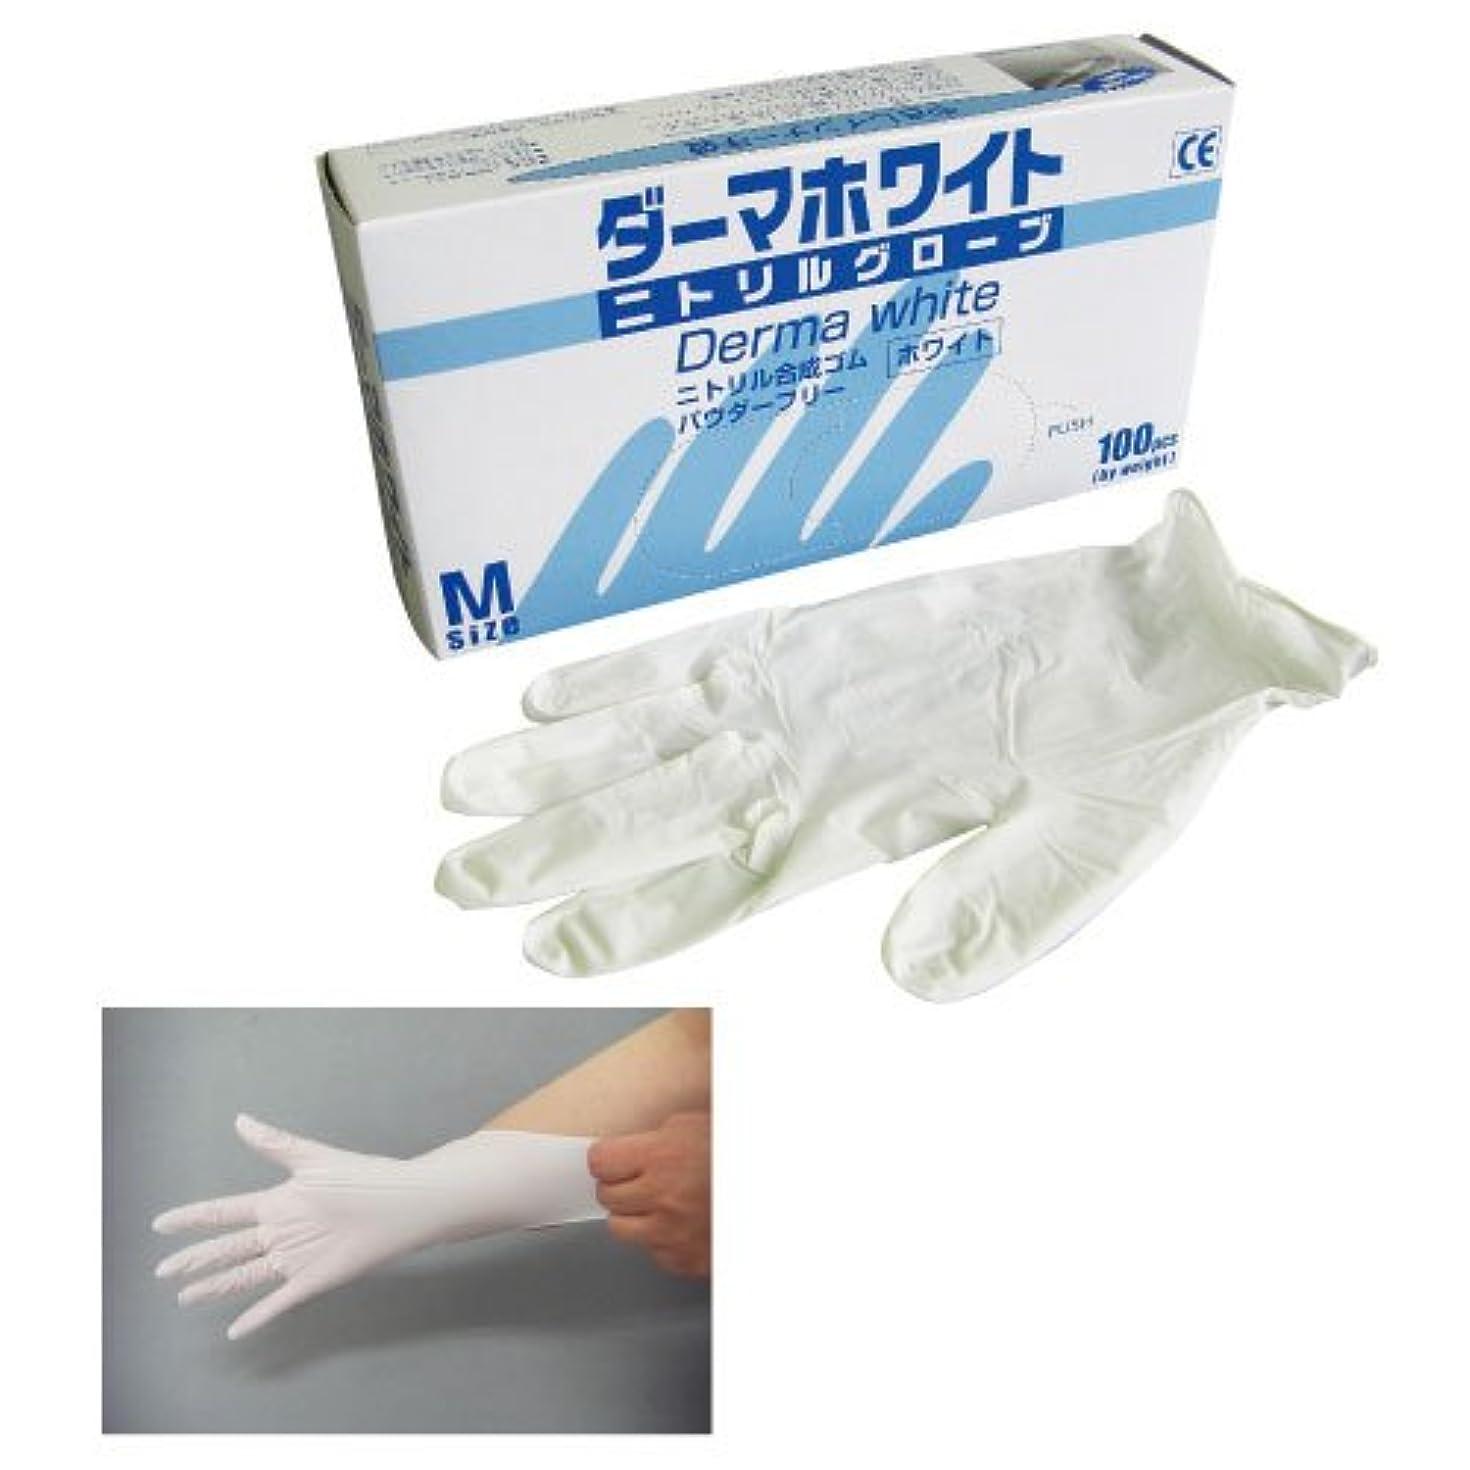 墓医療の年次ダーマホワイト ニトリル手袋PF ?????????????????PF(23-3770-01)GN01(S)100??